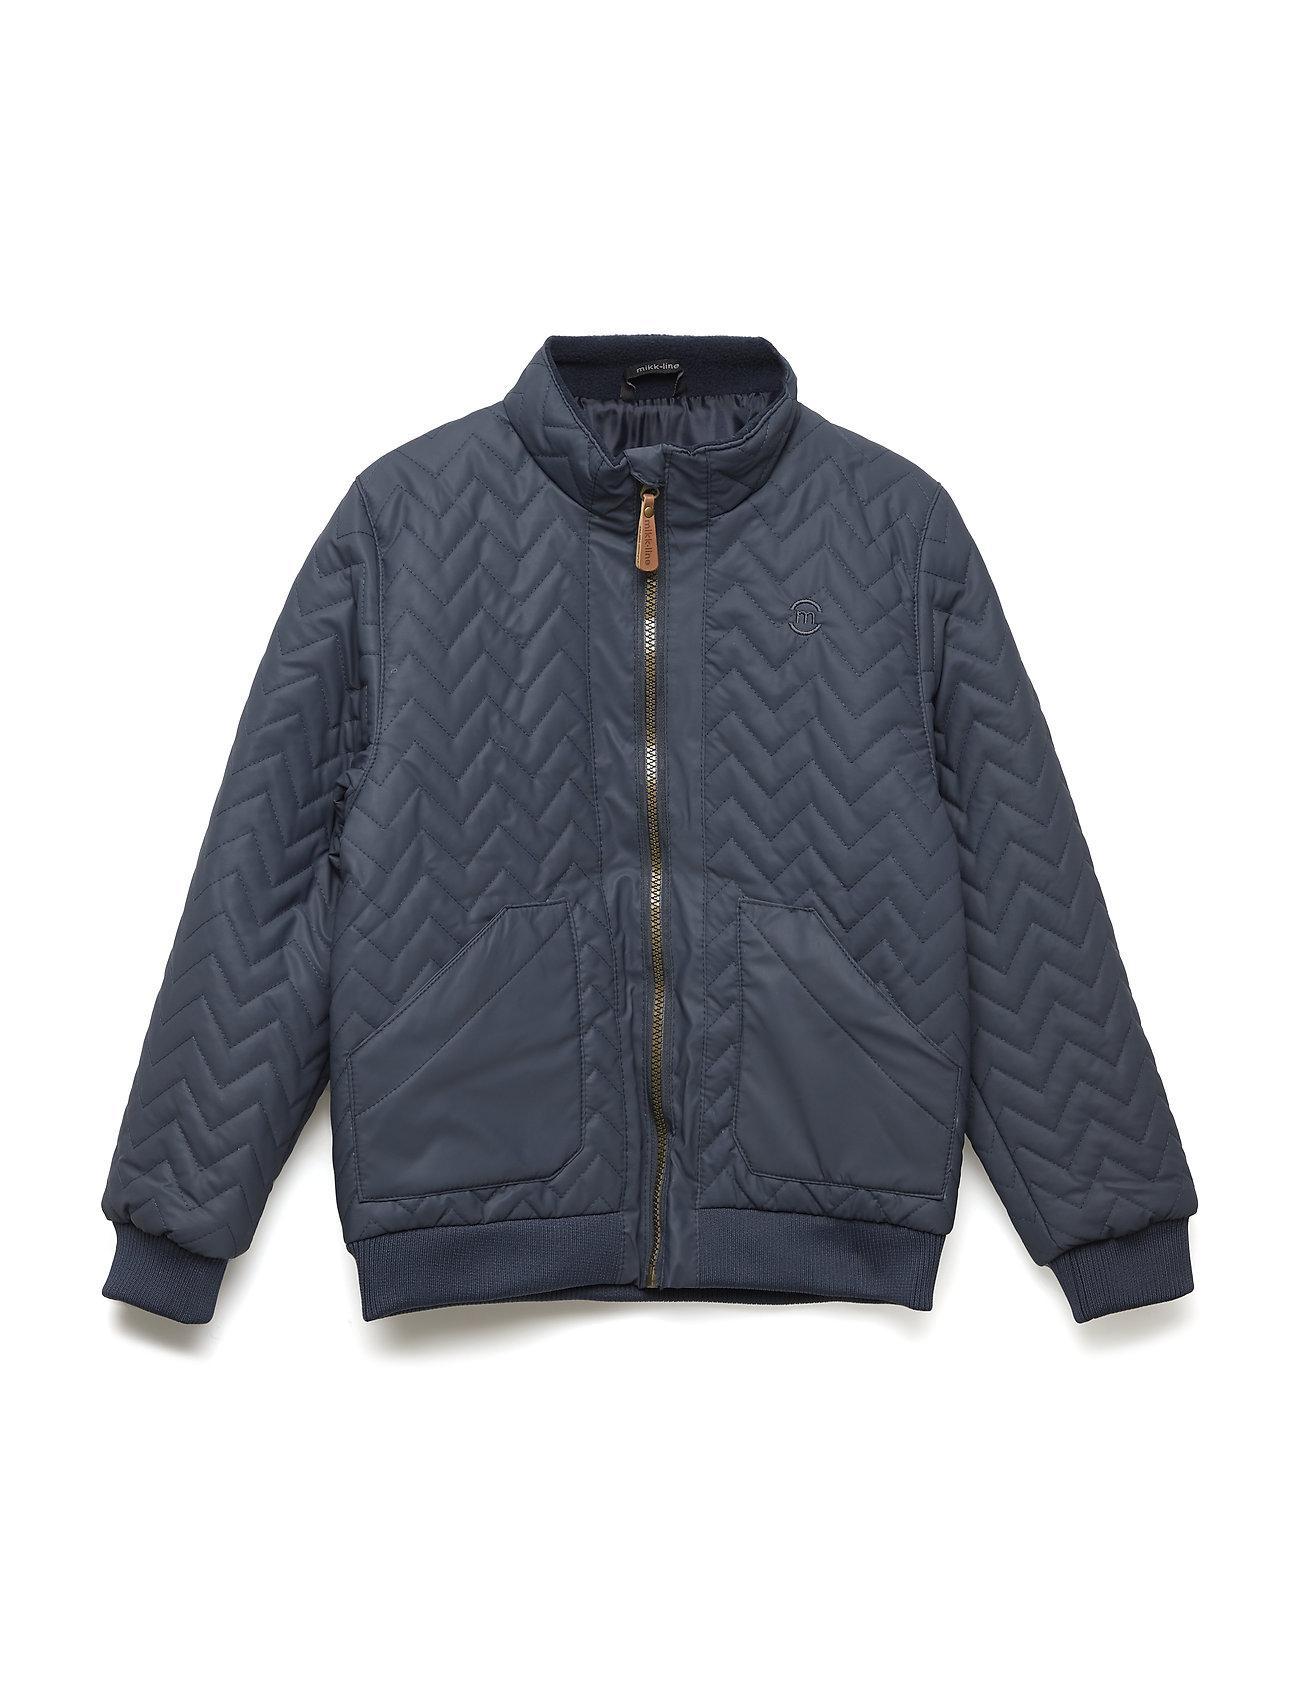 Image of Duvet Boys Jacket Bh-top Blå MIKK-LINE (3072437353)